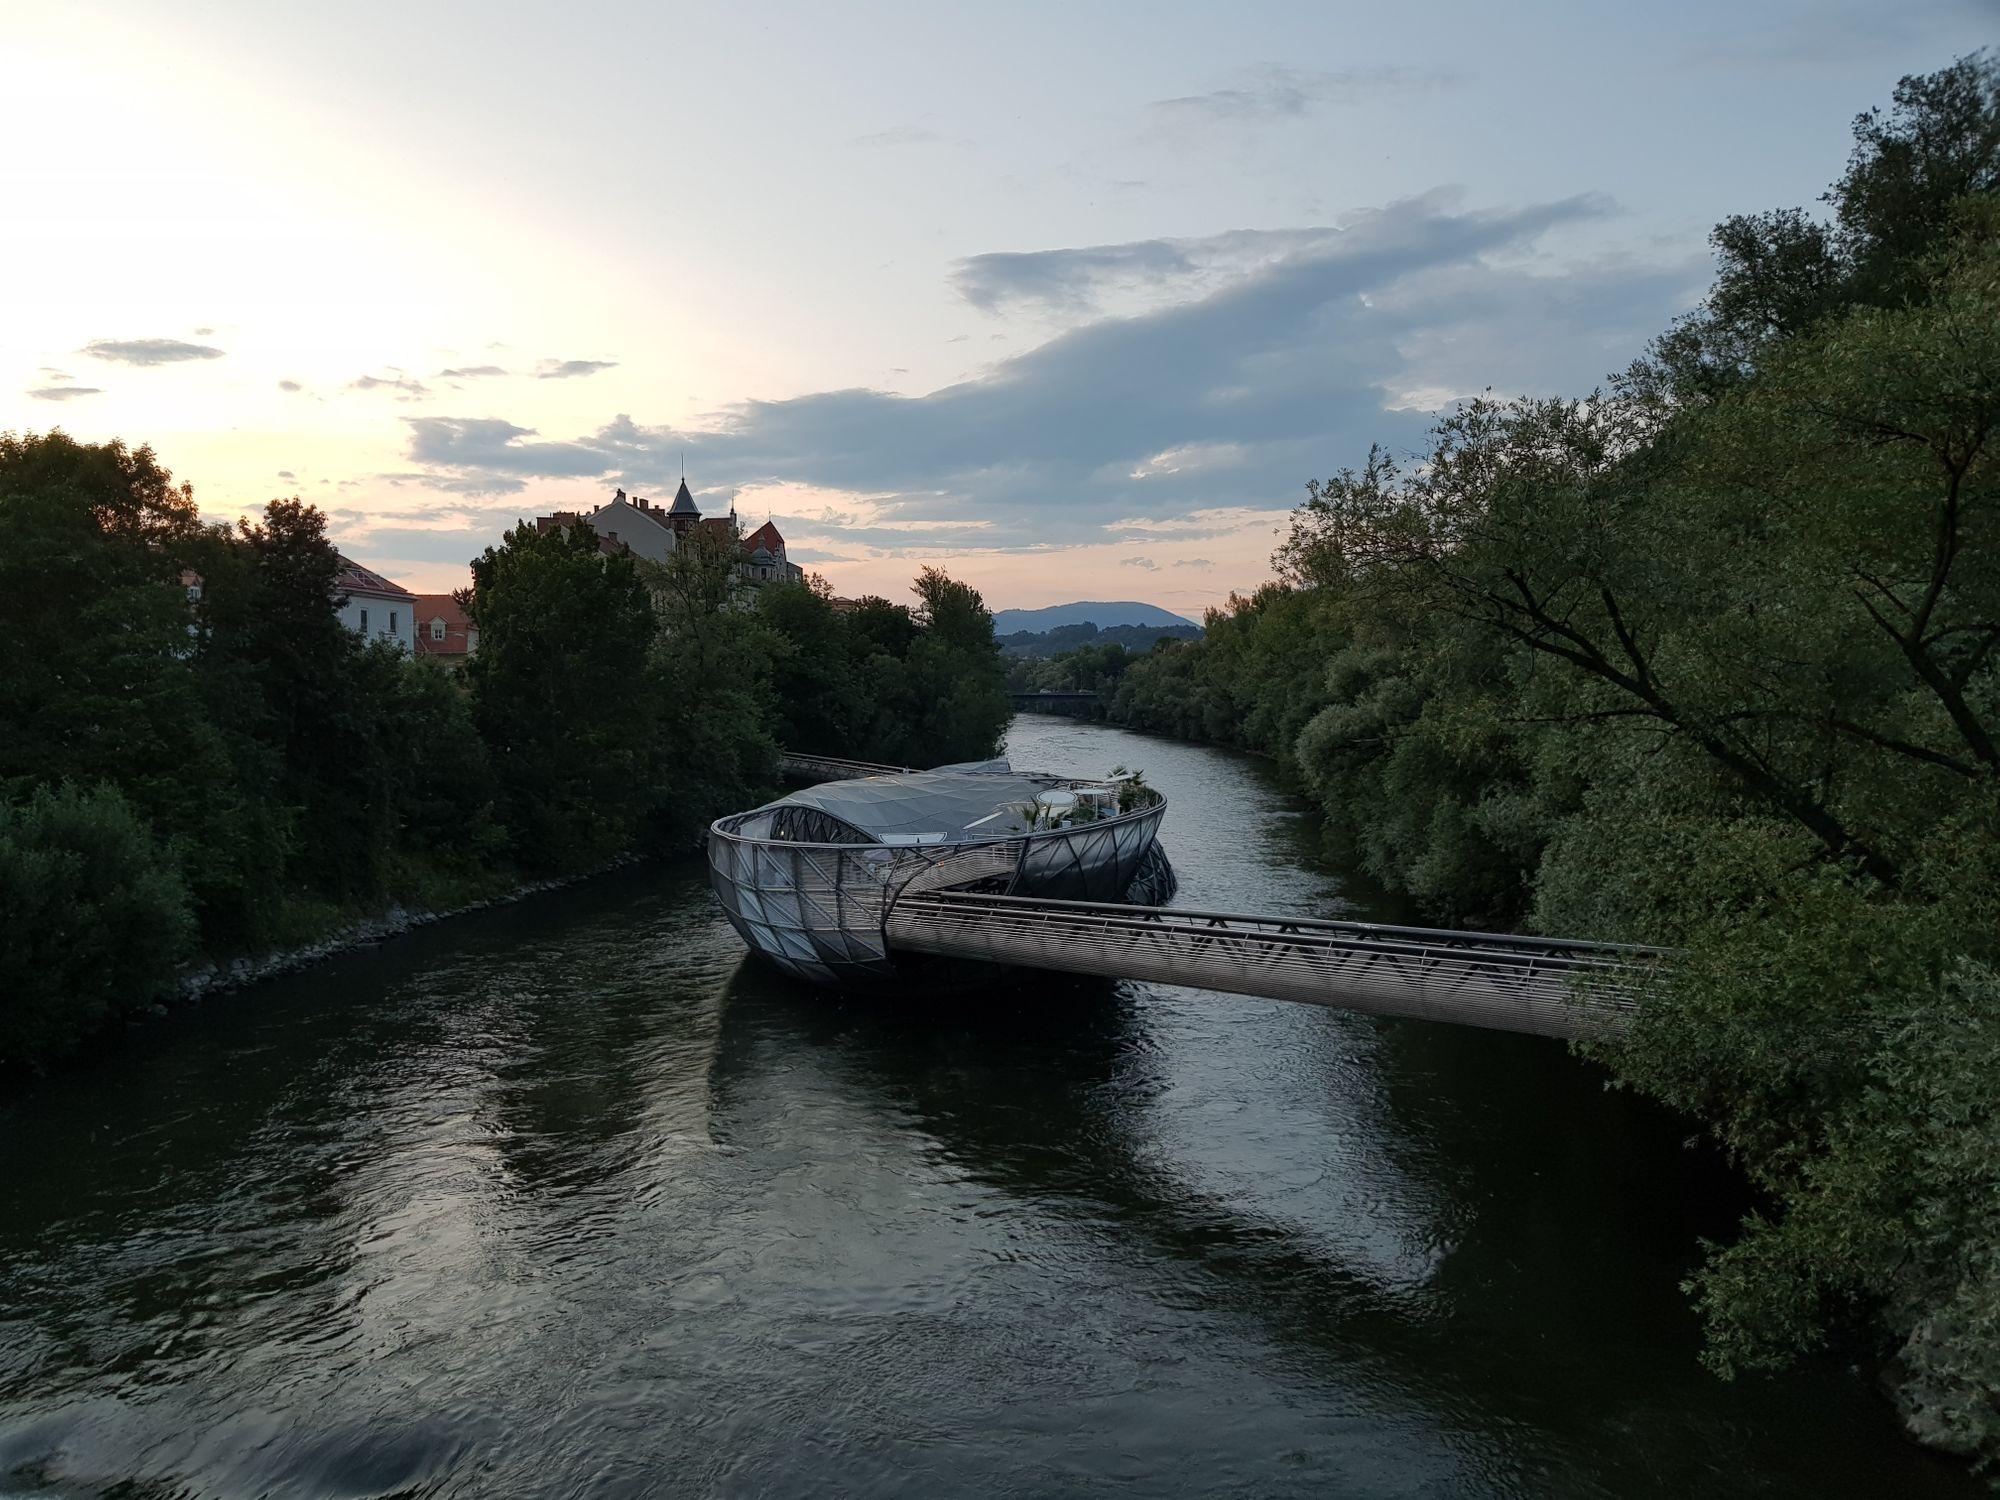 Ansicht der Murinsel von der benachbarten Brücke aus aufgenommen.